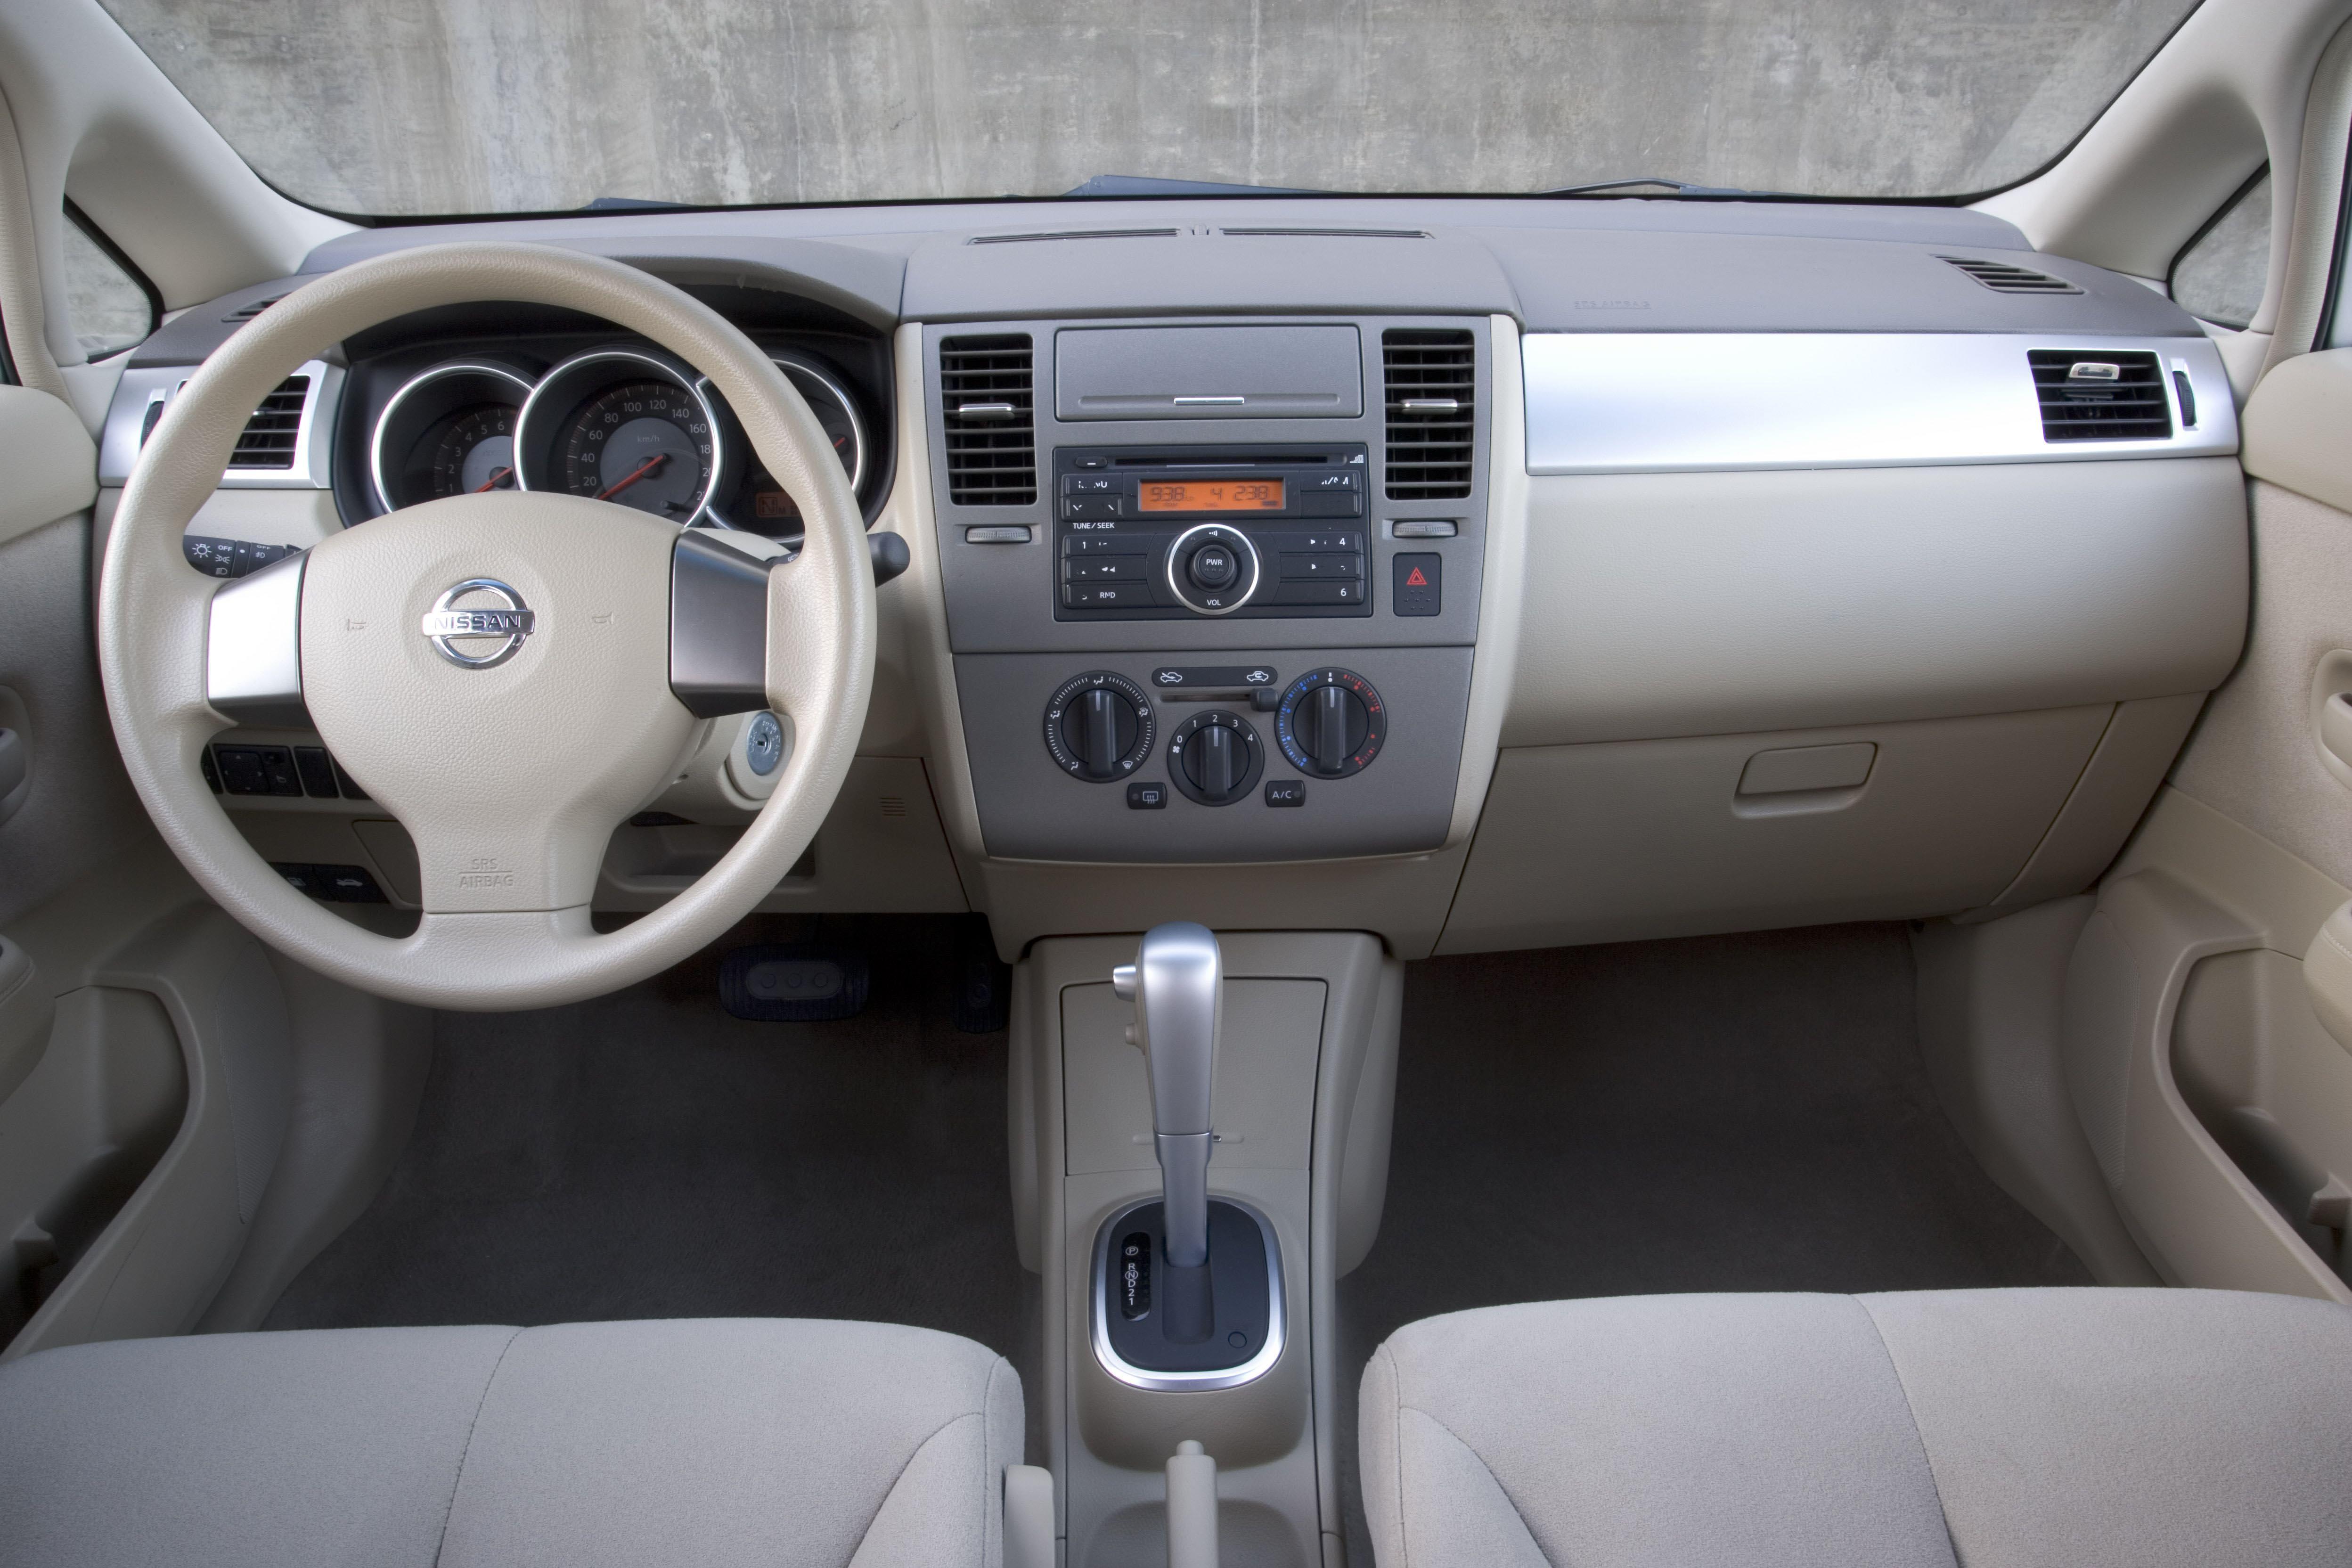 Nissan Versa I 2006 - 2012 Hatchback 5 door #5